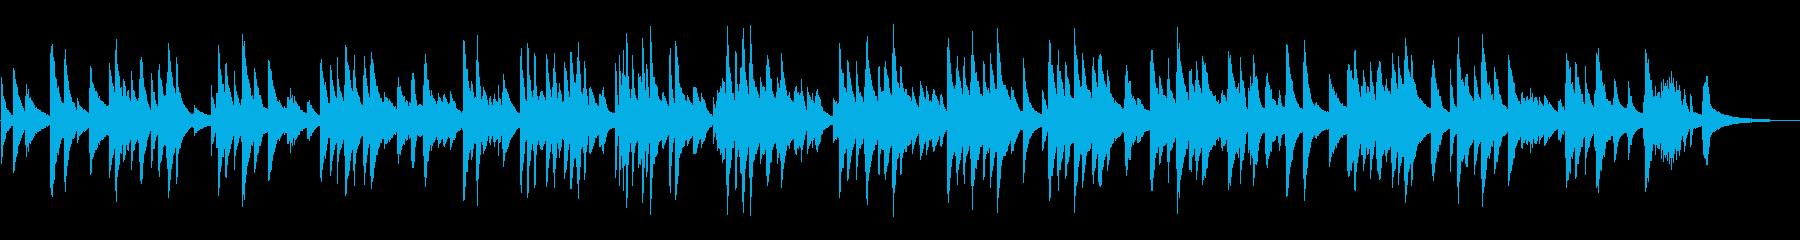 スローで静かなジャズラウンジピアノソロの再生済みの波形